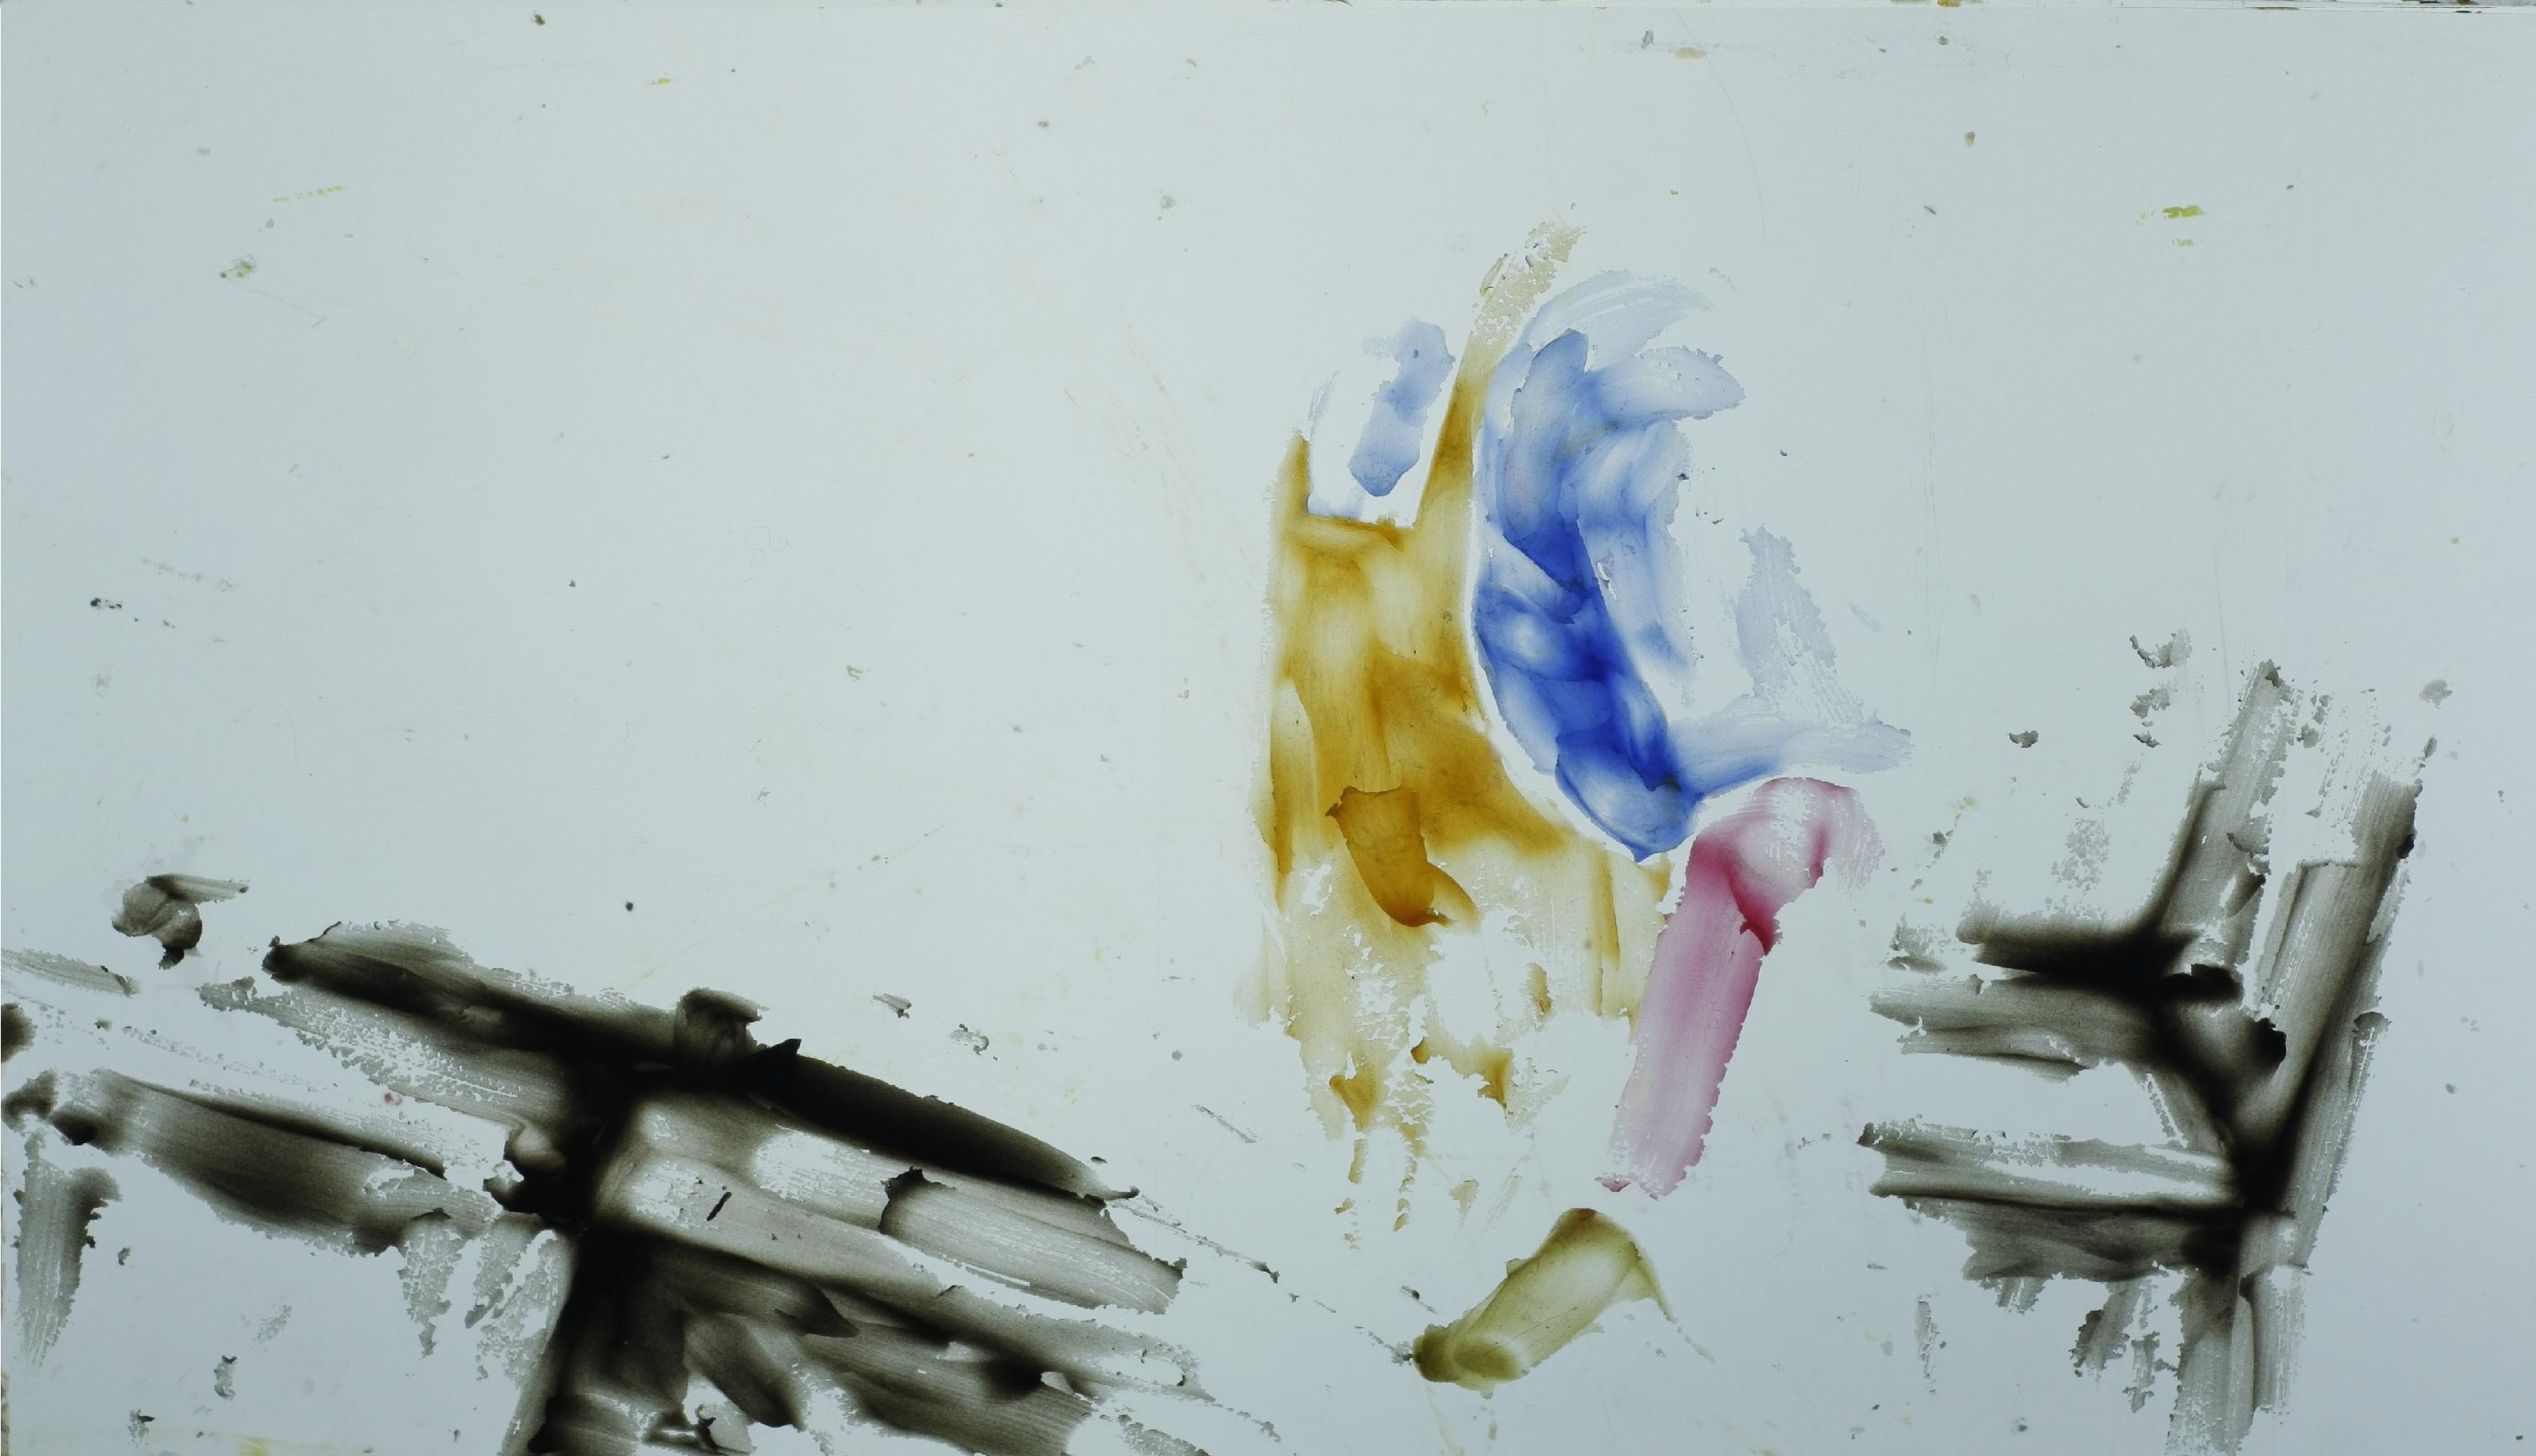 I PLACE: «Улица Франкфуртер, 99а» / Frankfurter Str. 99a. Реж. Евгения Гростер / Evgenia Gostrer. Анимационный, документальный фильм / Animation. Германия / Germany, 2016. 5'